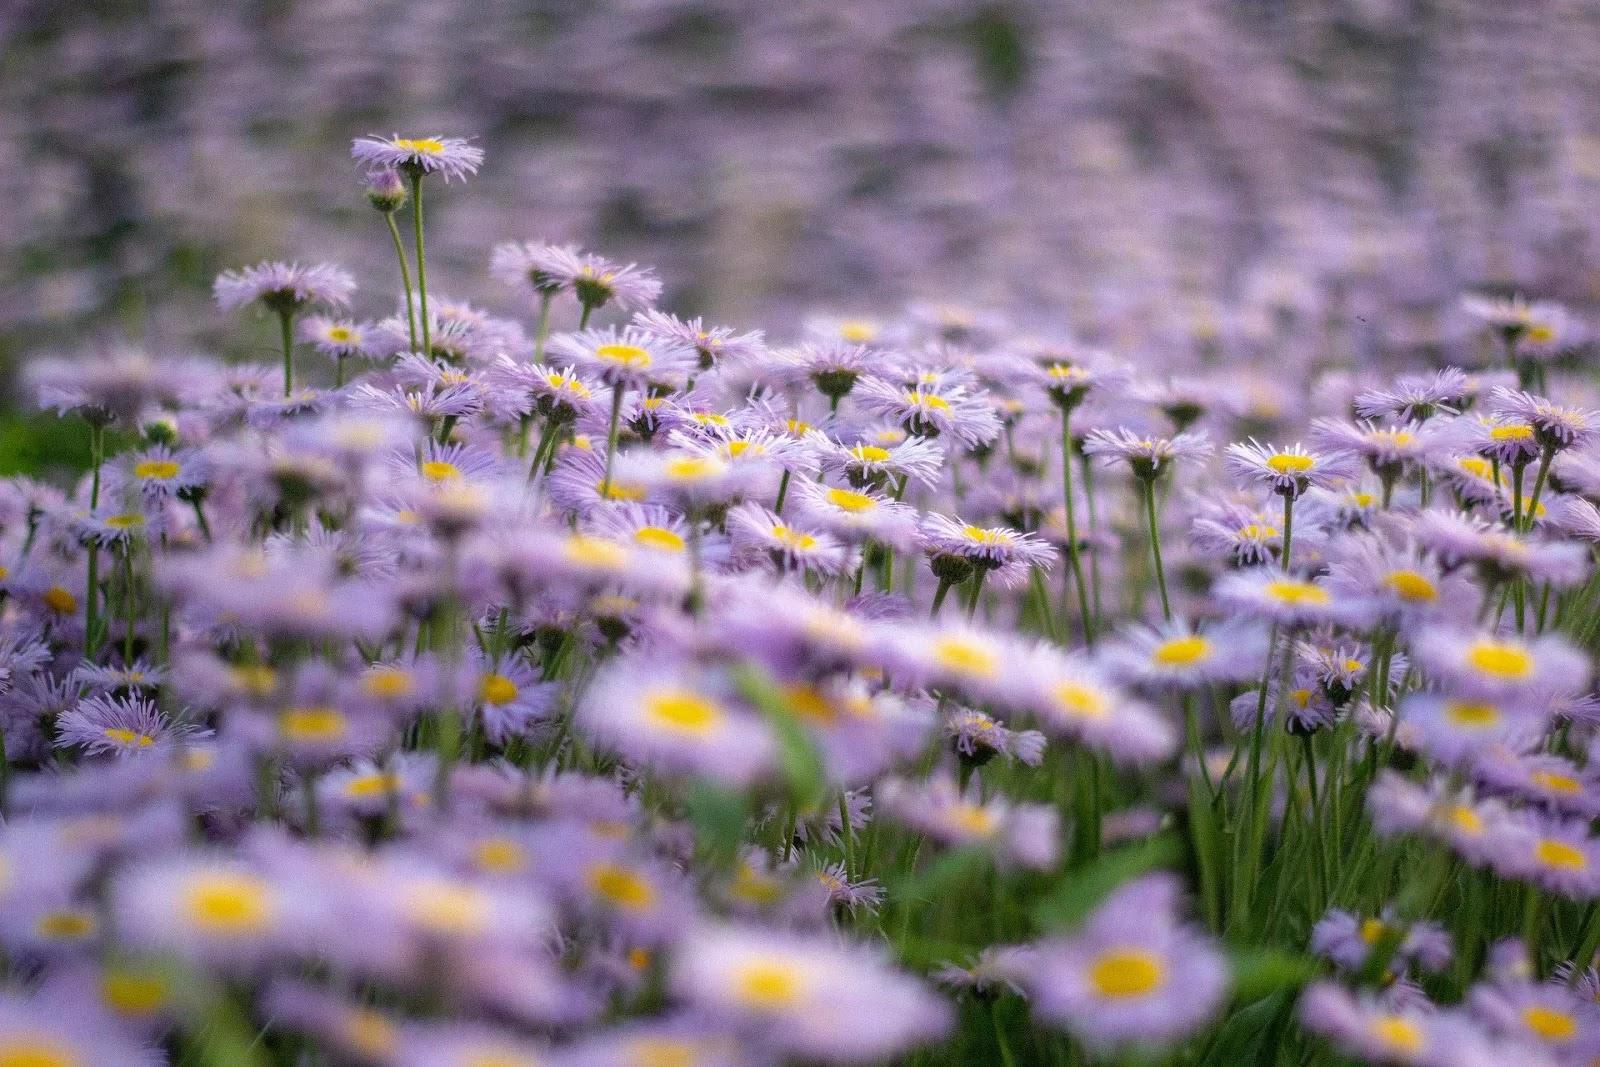 أجمل خلفيات الورد الملون البنفسجي